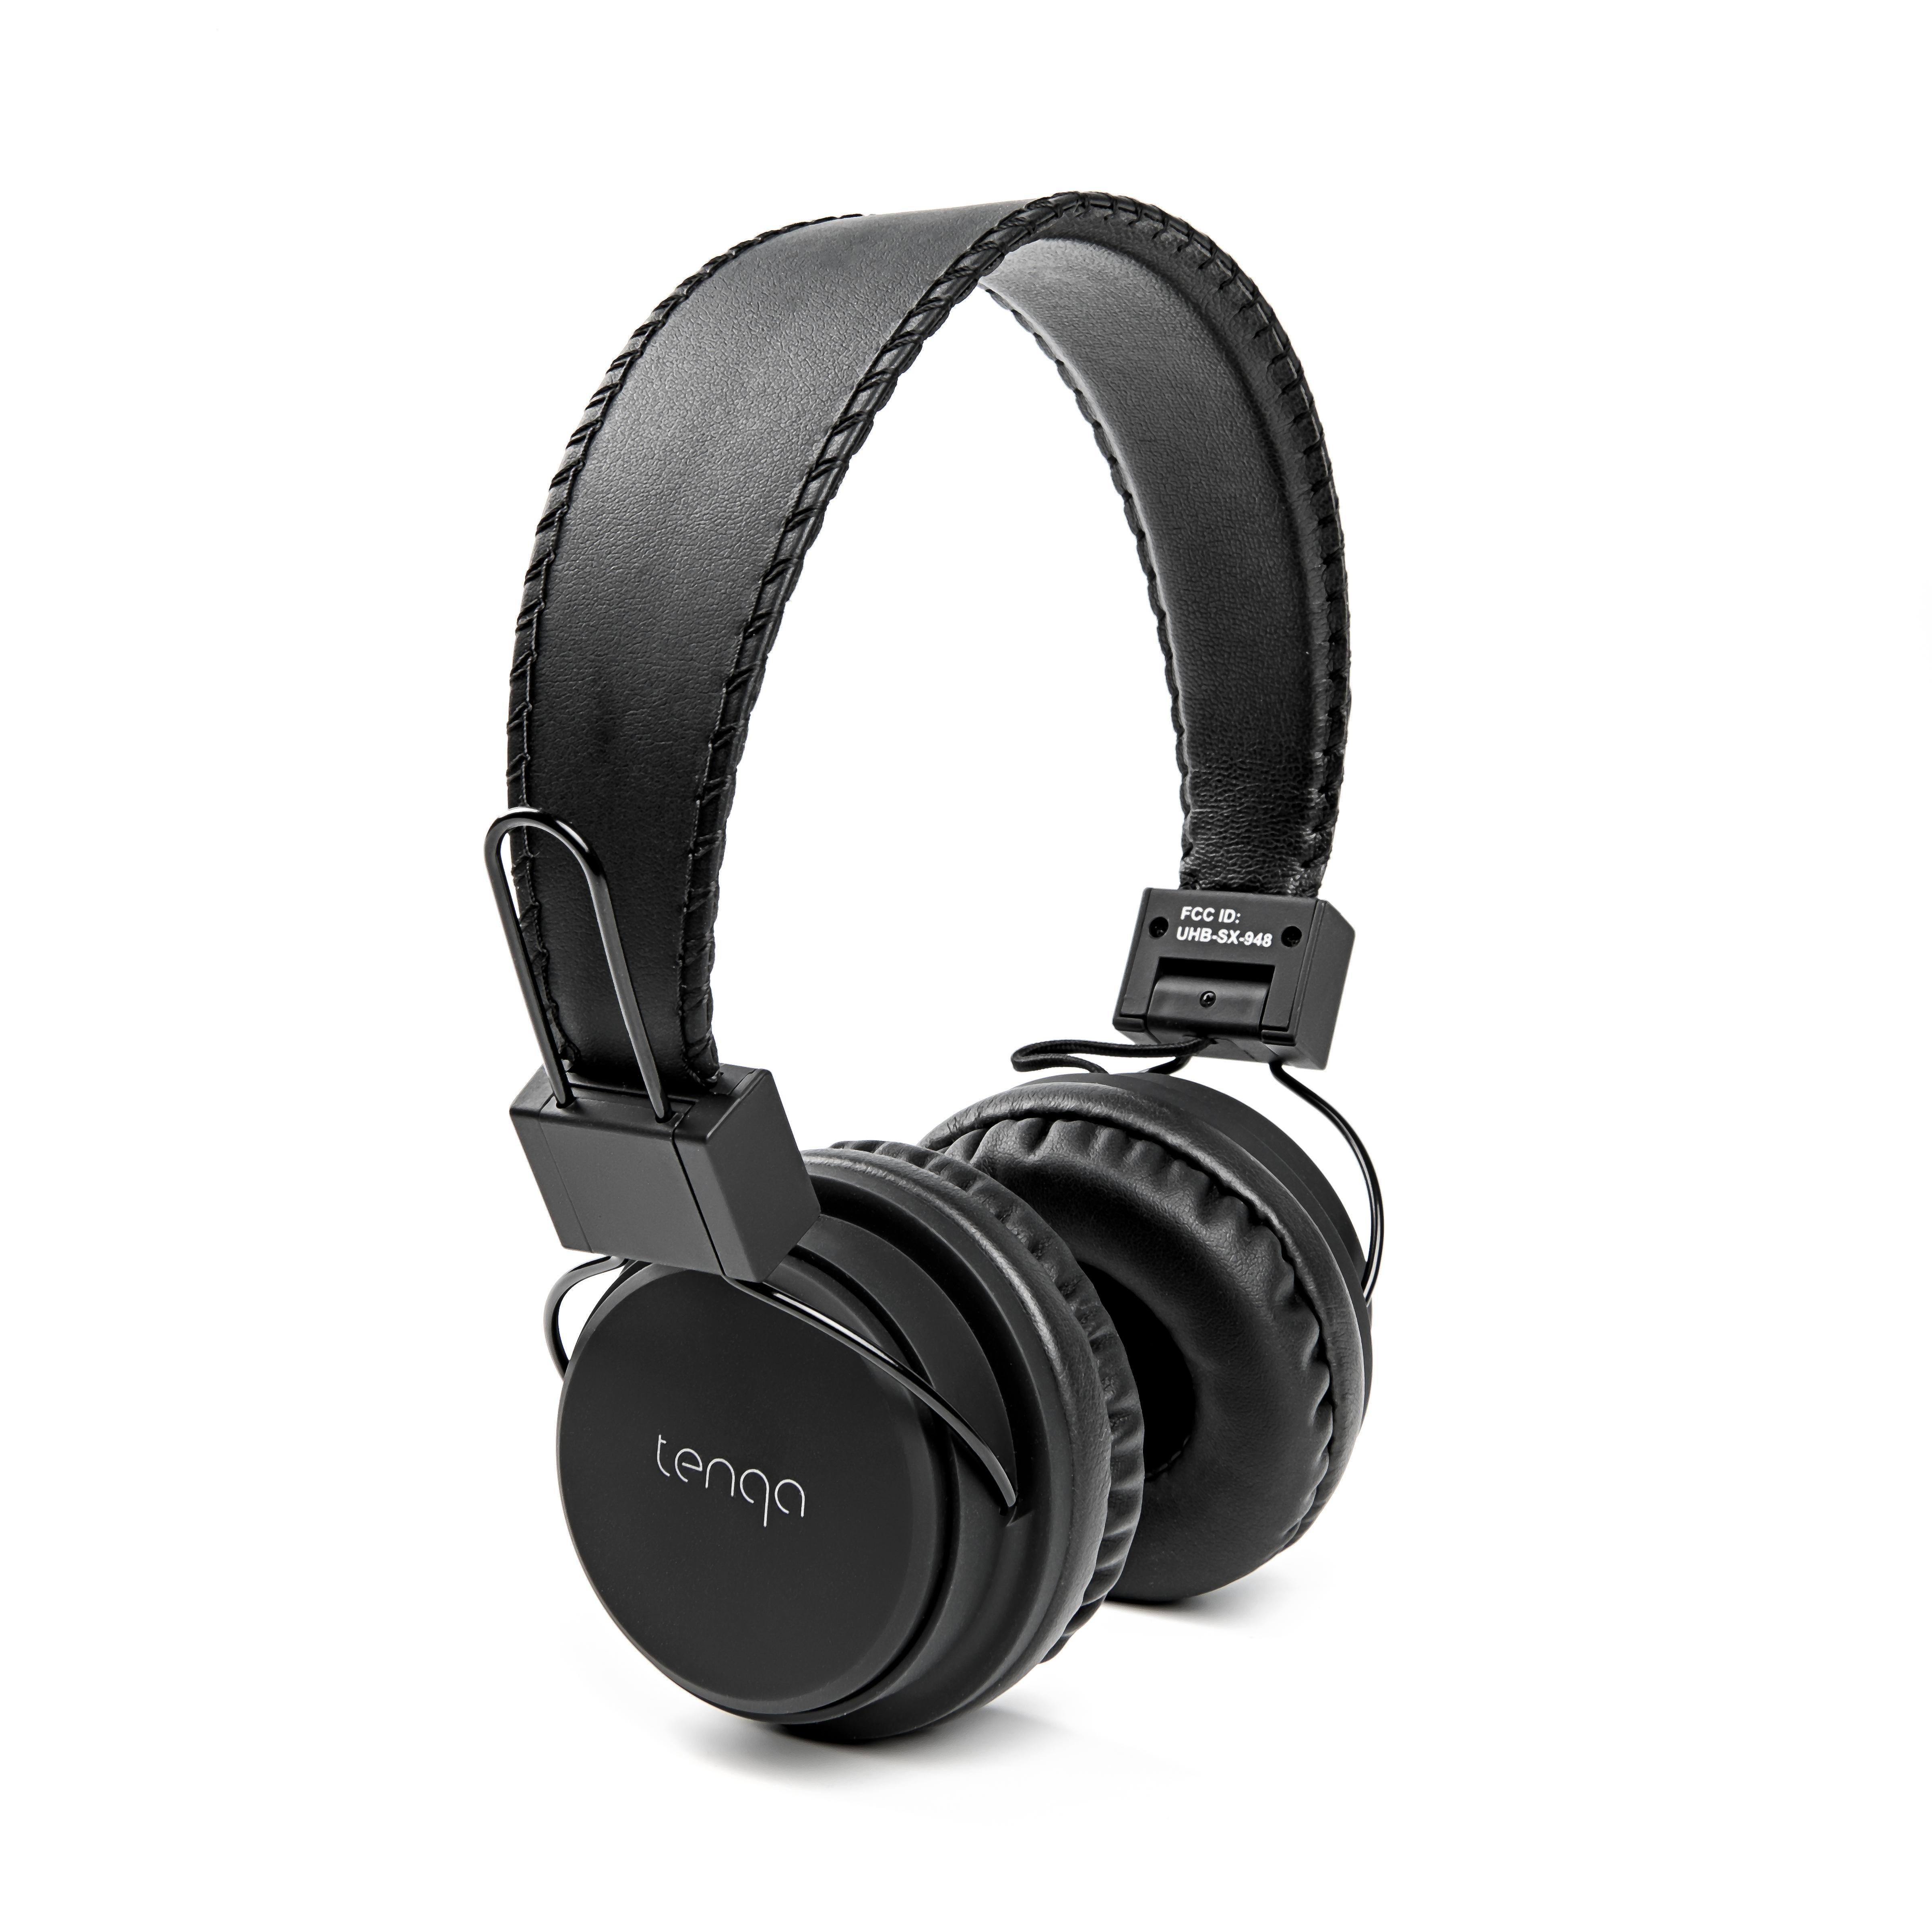 Amazon.com: Tenqa REMXD-wht Wireless Bluetooth Headphones